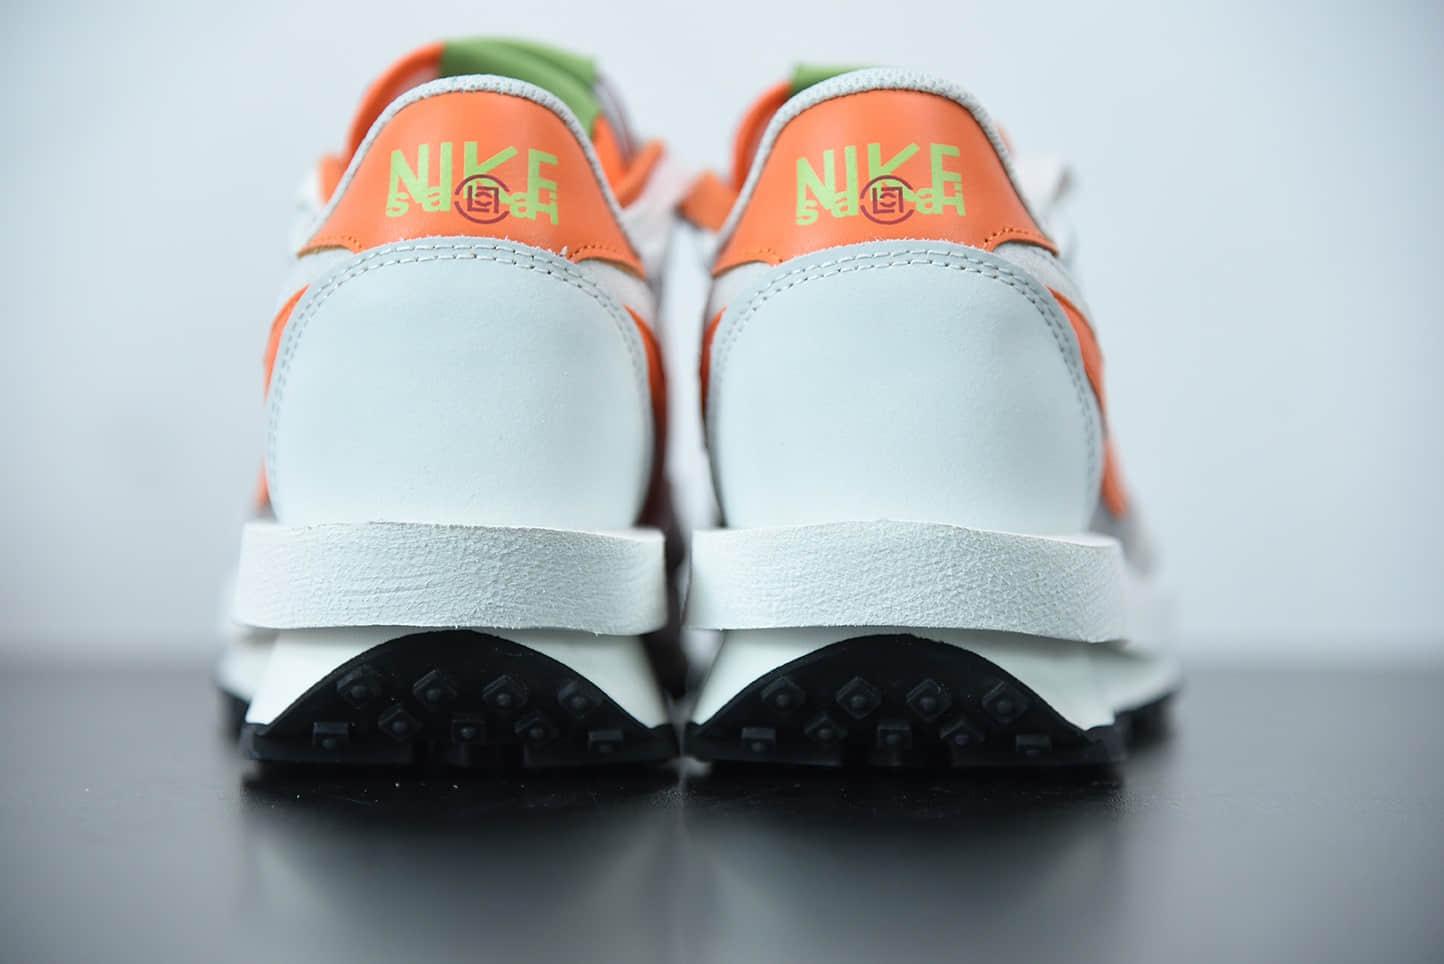 耐克Sacai x Nike LVD Waffle Daybreak网纱浅灰橘酒红联名款解构双勾双标双鞋带厚底休闲跑步鞋纯原版本 货号:DH1347-100